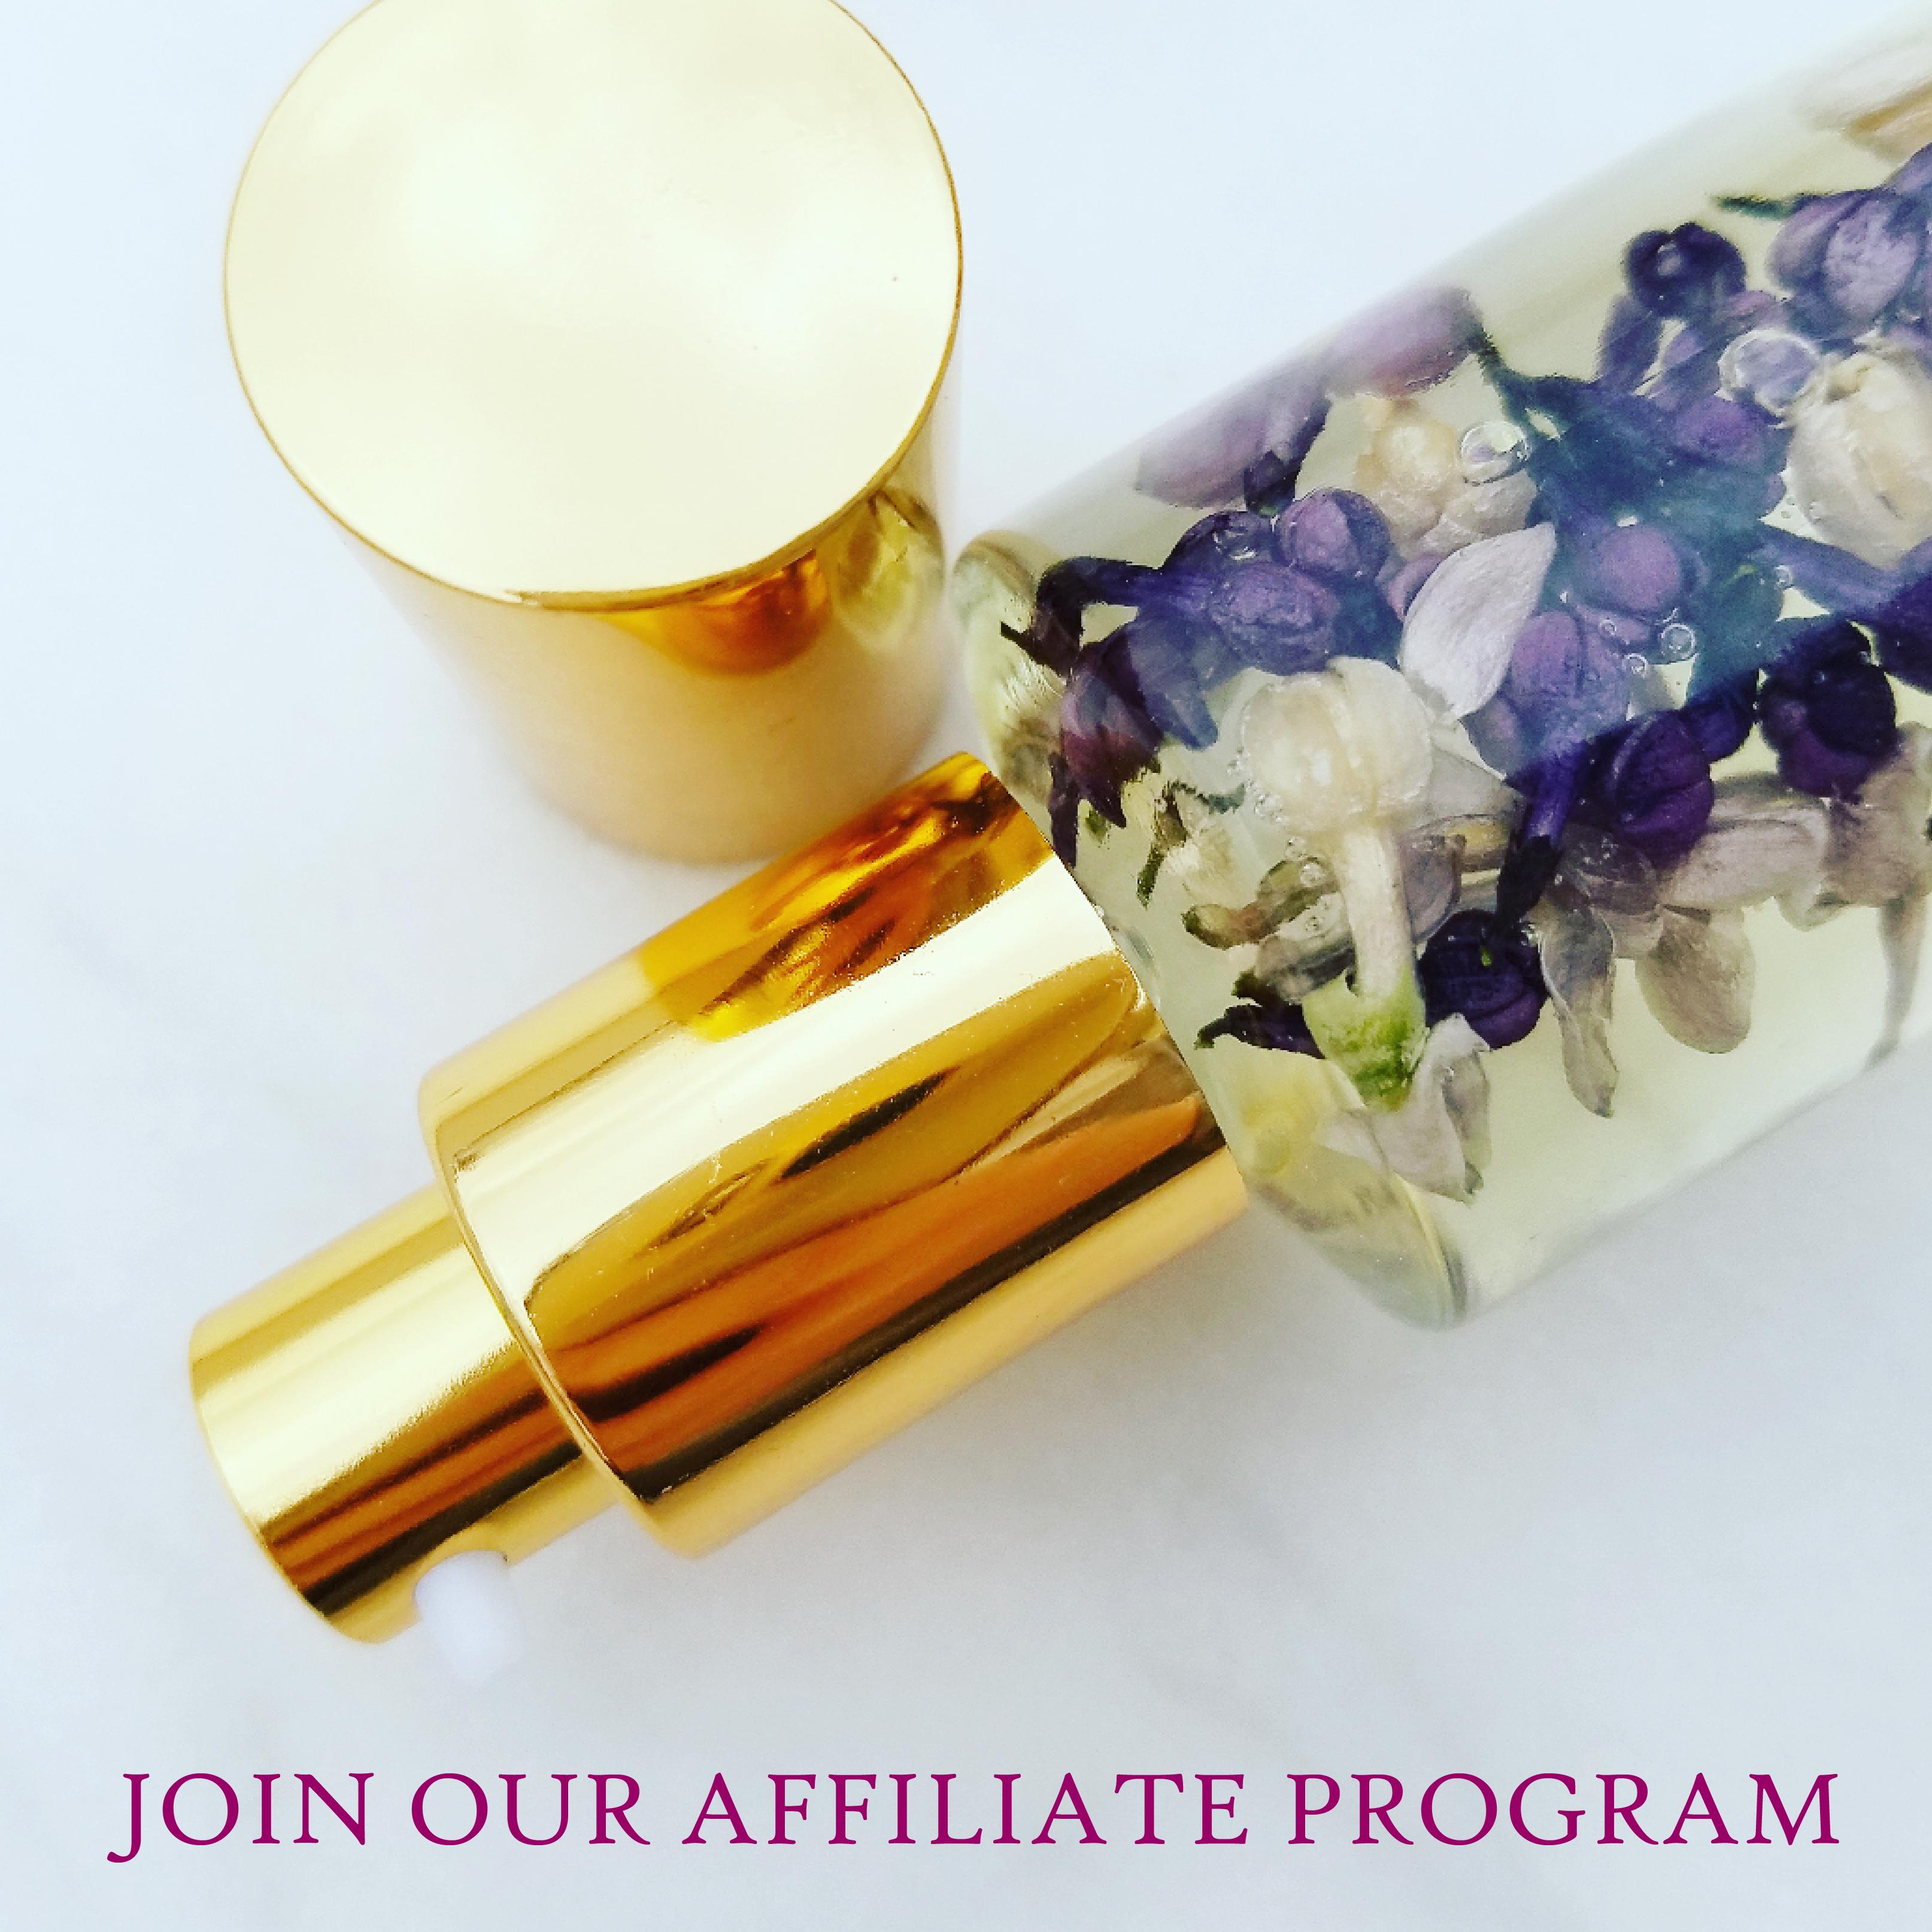 affiliate-program-01.jpg